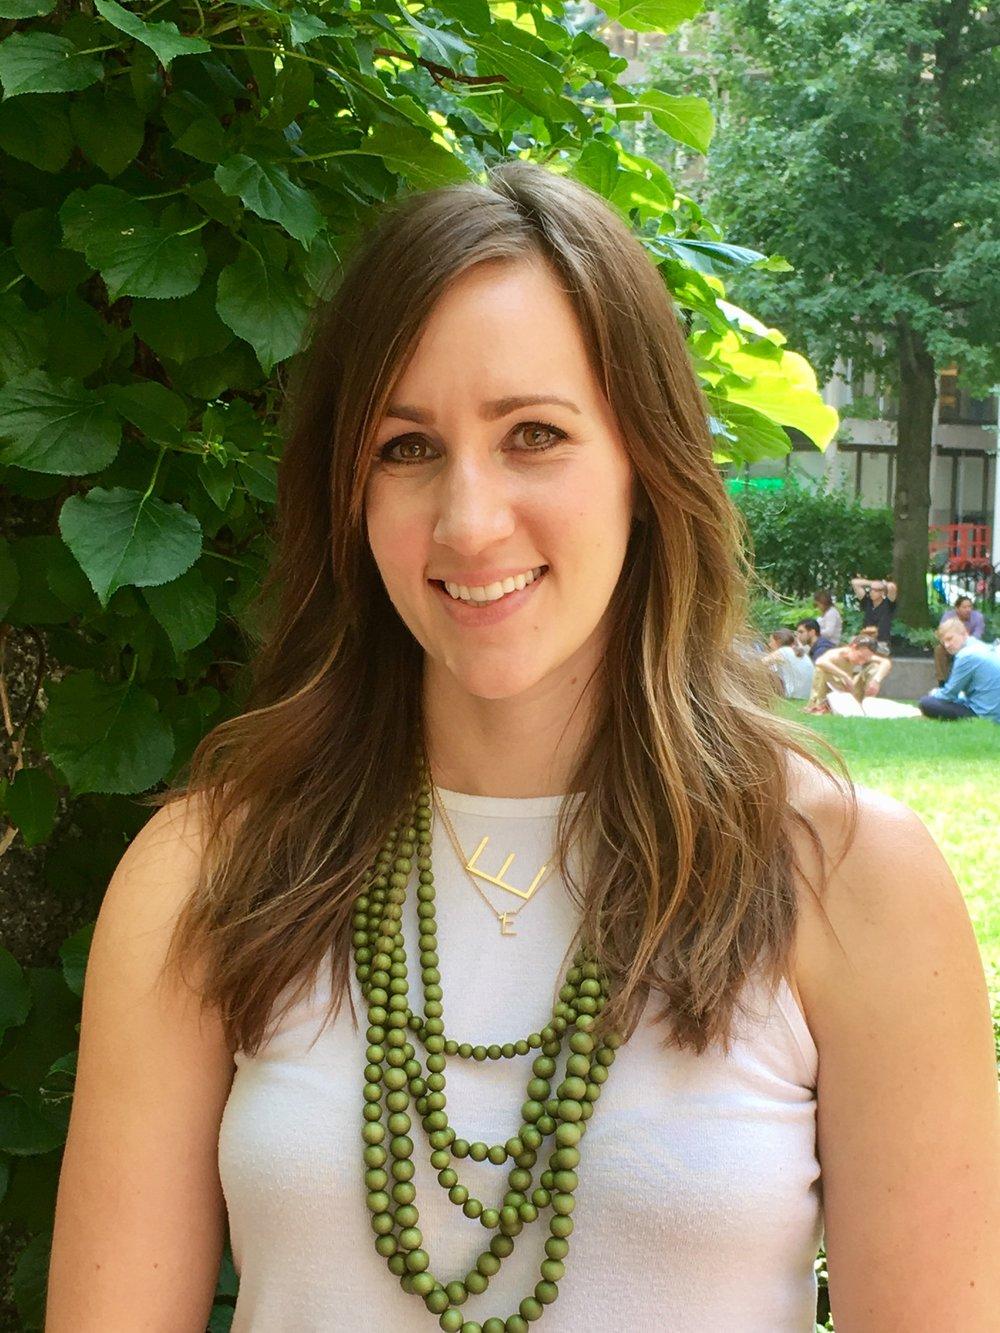 Elise Tjernagel - Senior Director of Partnerships